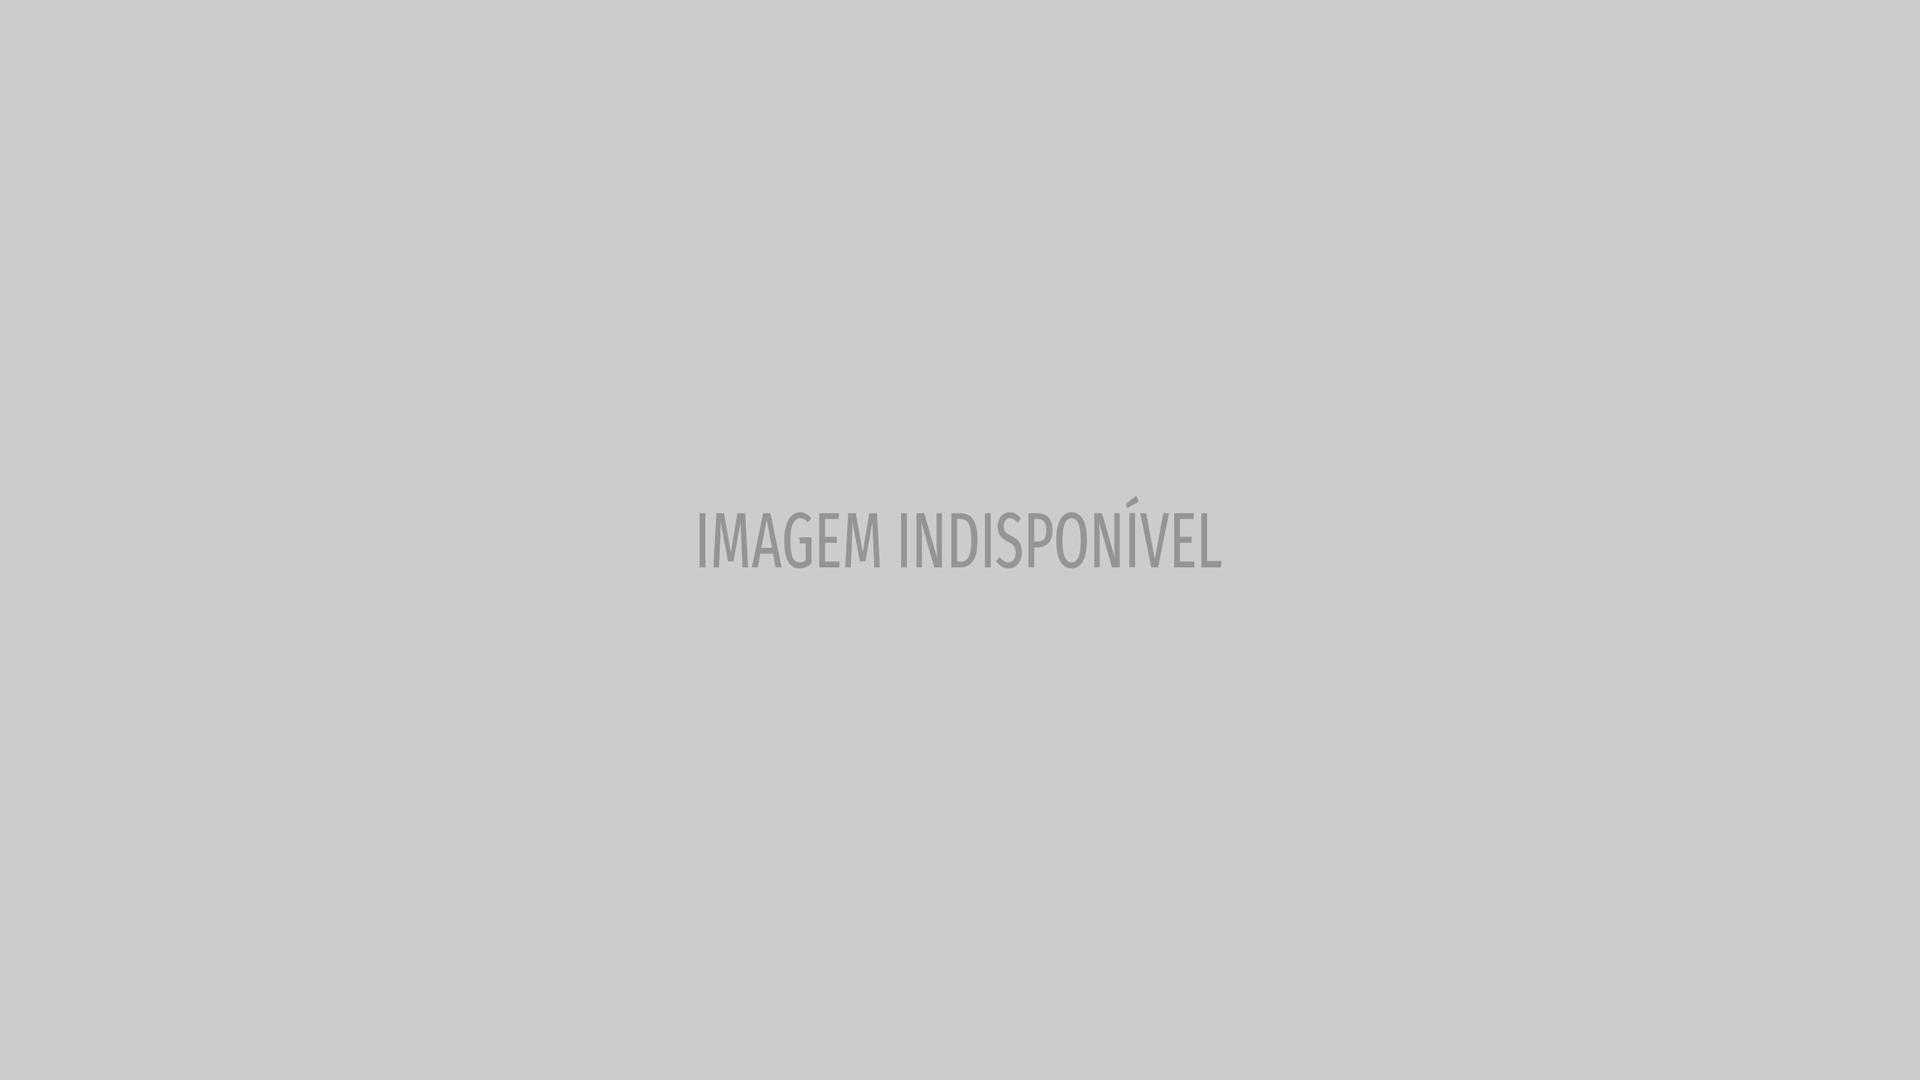 Que característica têm em comum Juliana Paes e Cristina Ferreira?